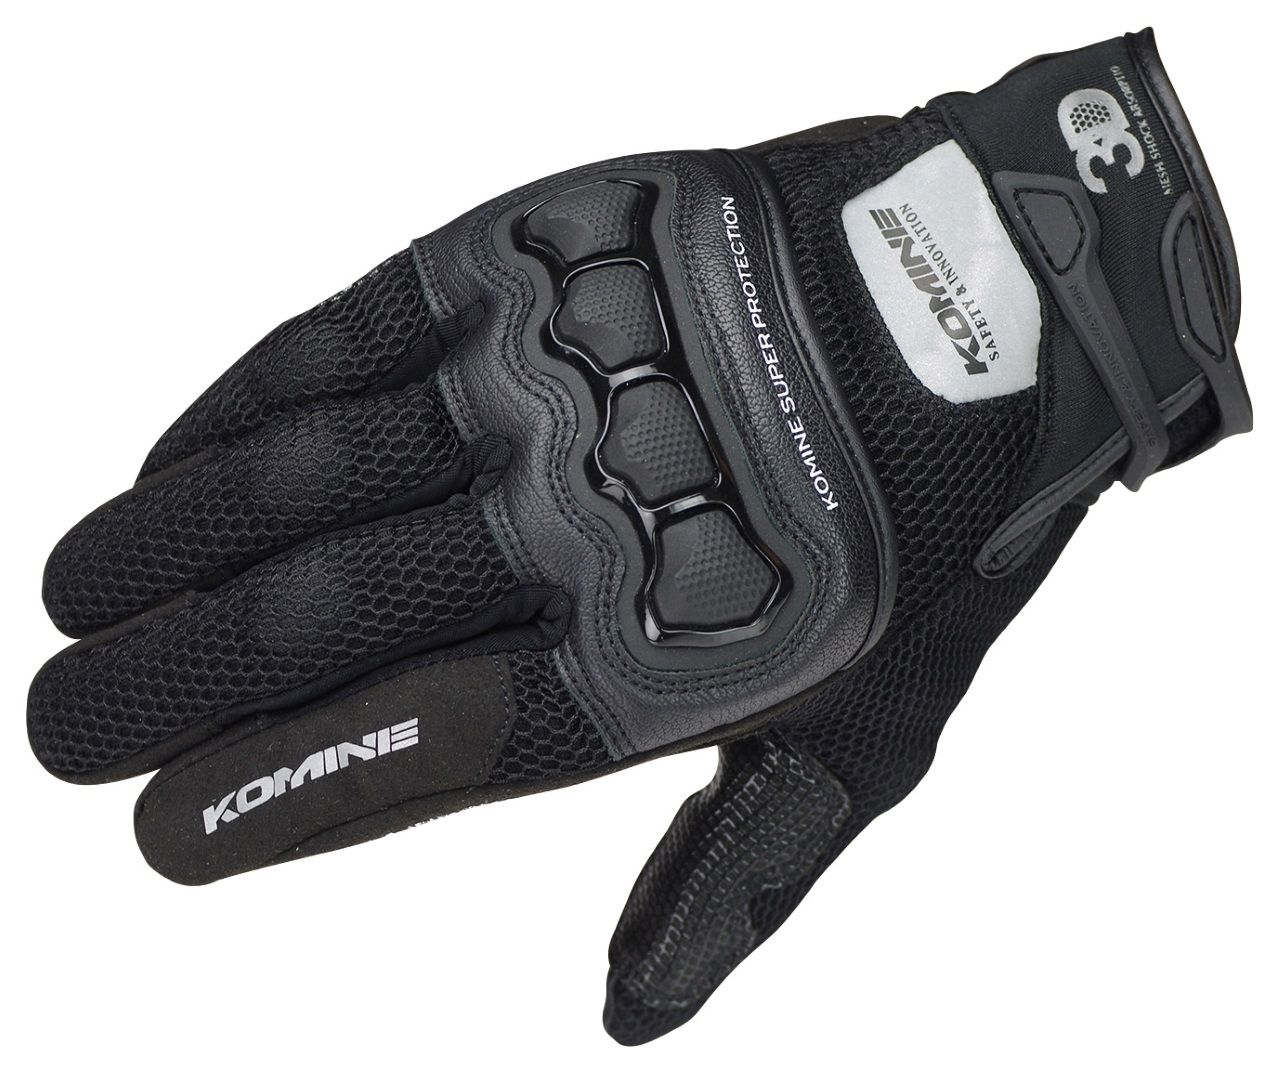 GK-215 Protect 3D Mesh Gloves